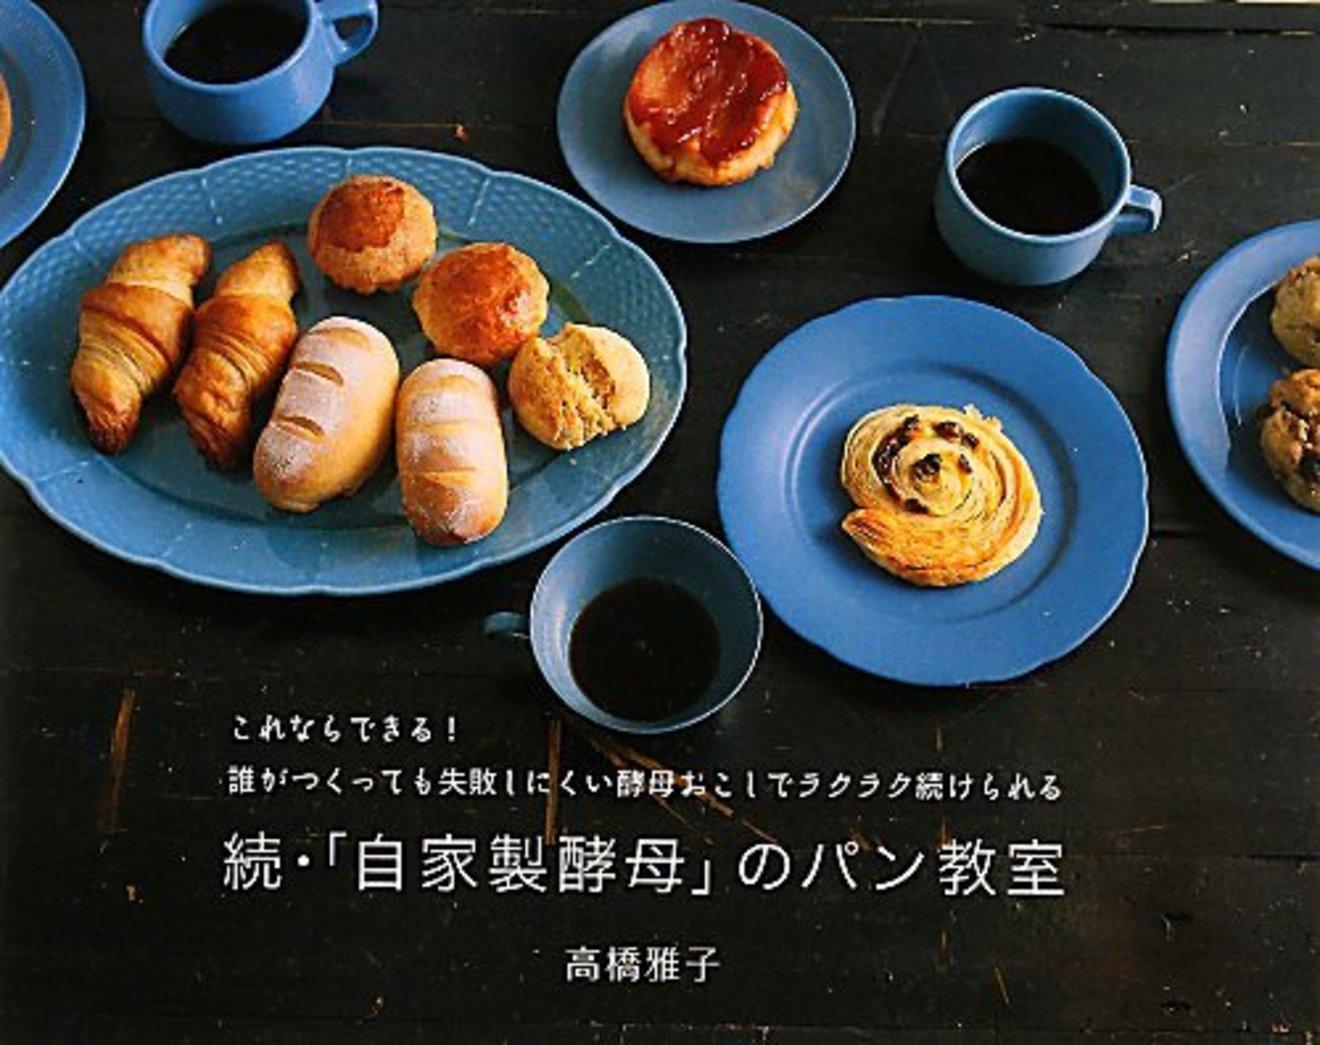 簡単!パンの作り方が基本からわかるレシピ本おすすめ5選